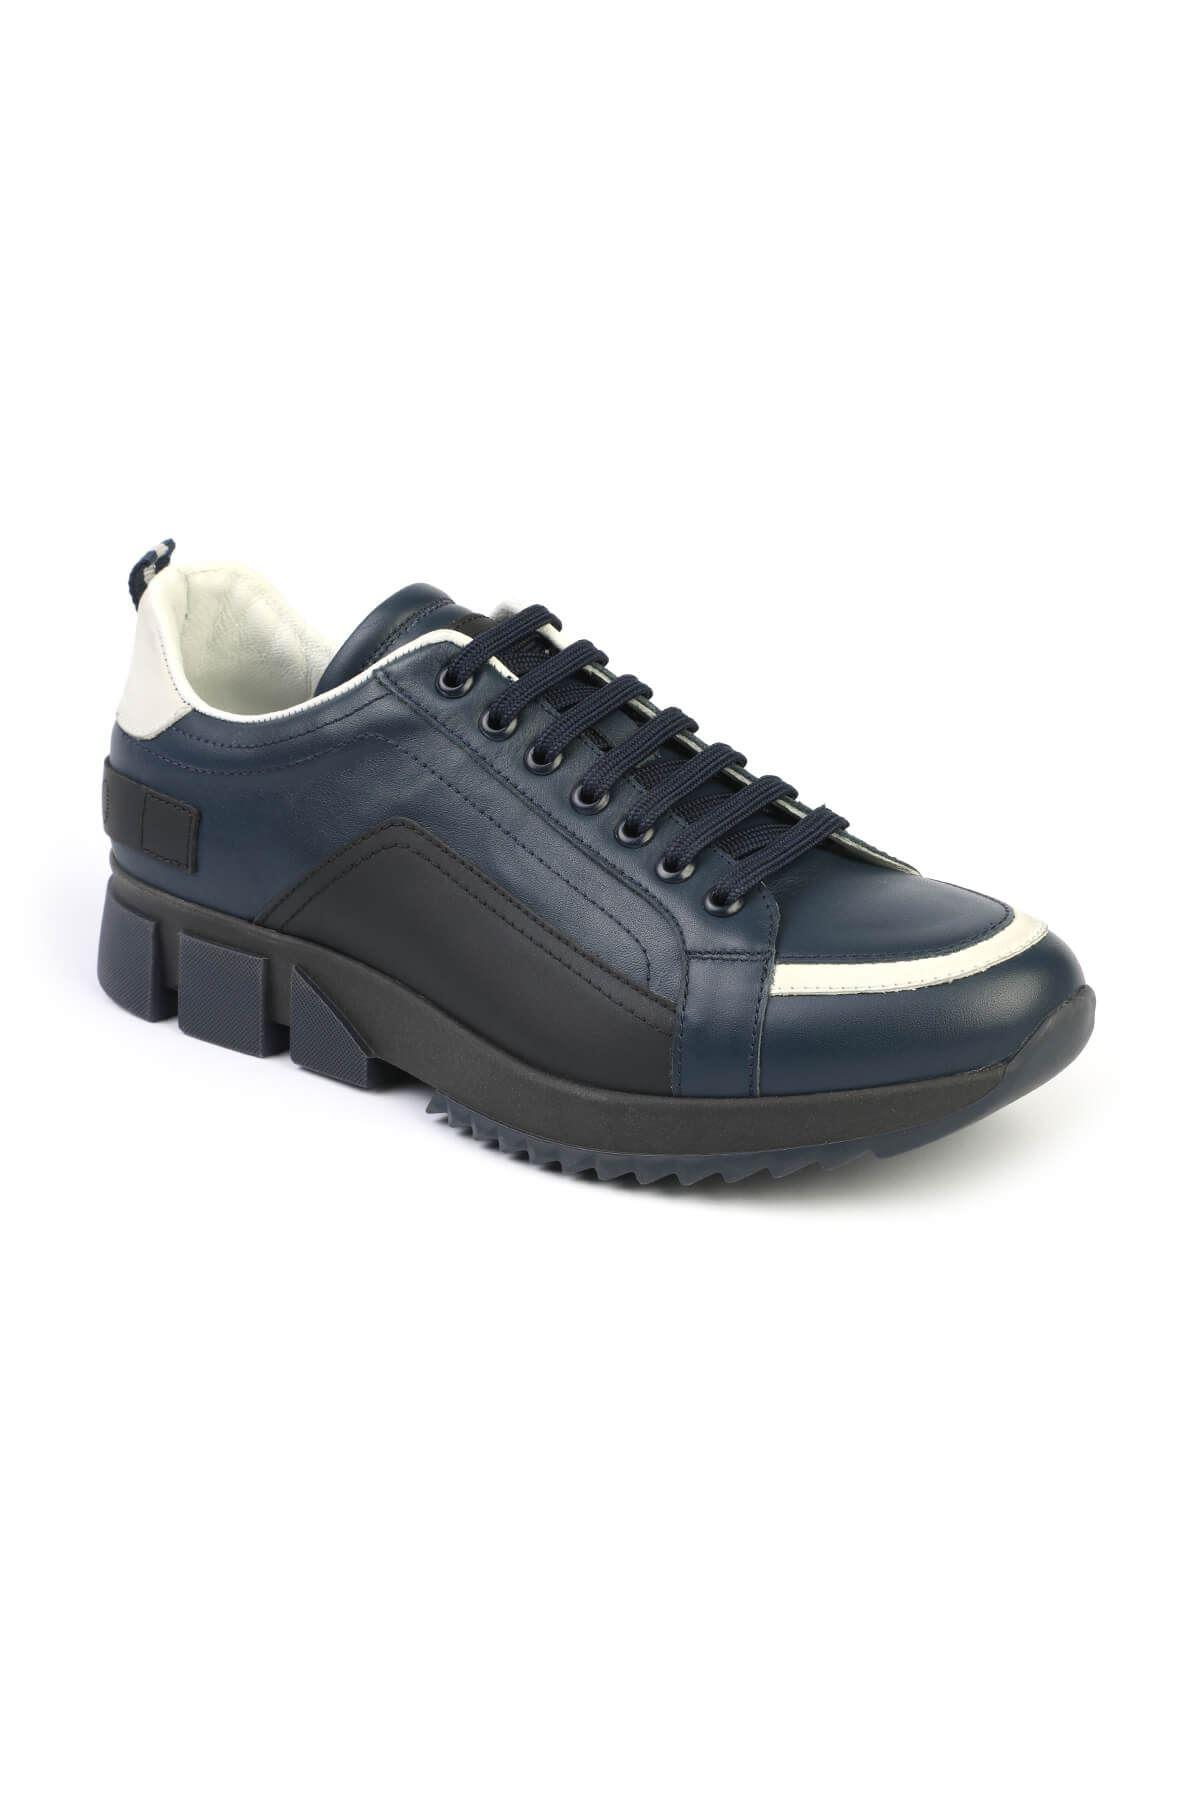 Libero 313 Lacivert Siyah Spor Ayakkabı